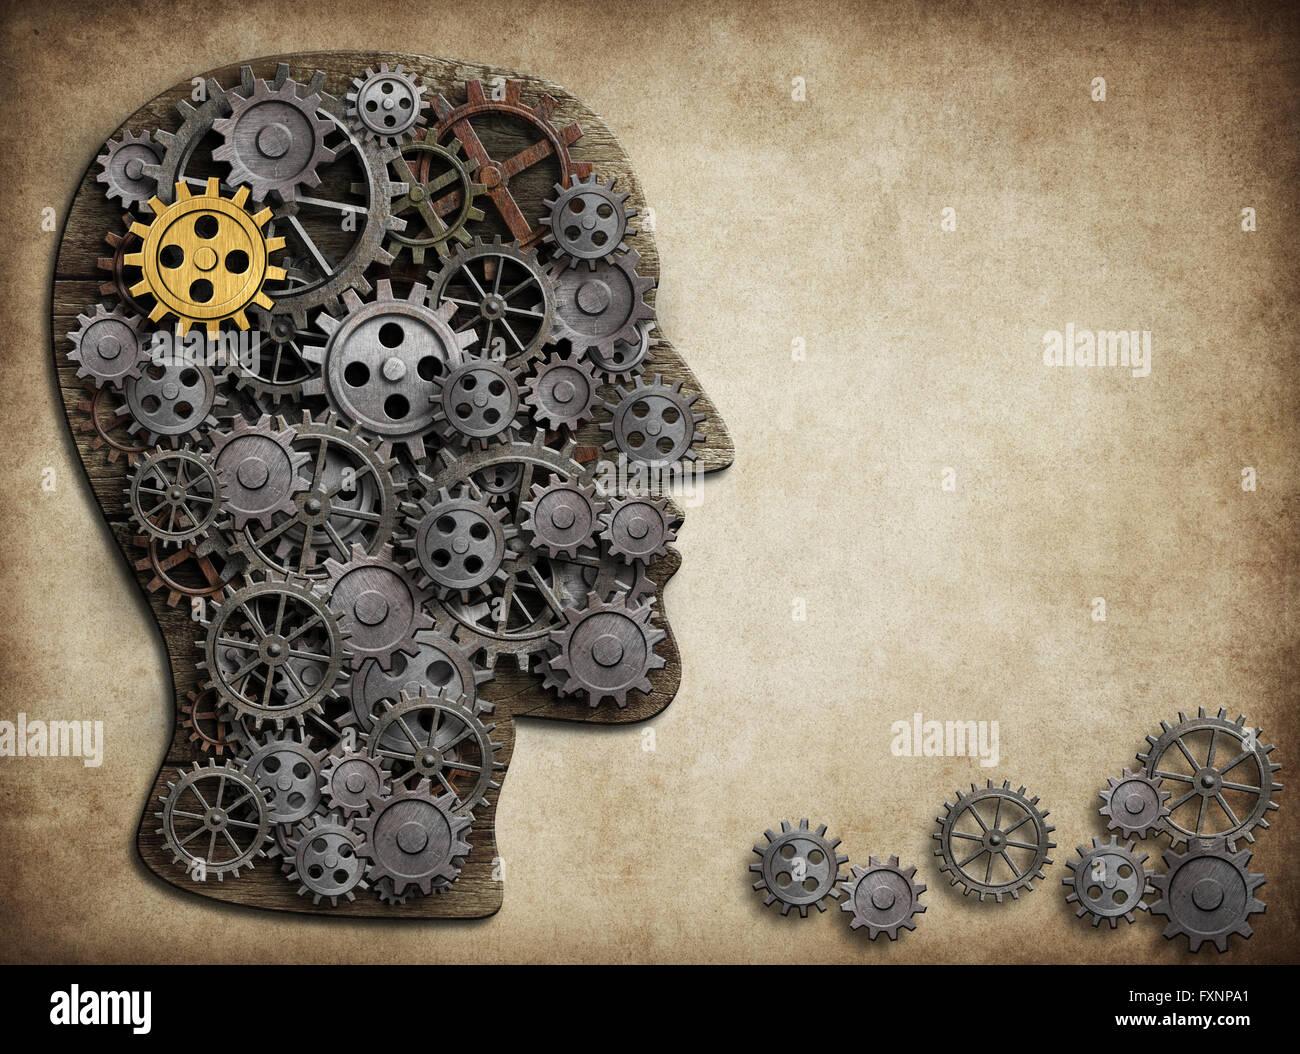 Los engranajes del cerebro y cogs, idea concepto. Imagen De Stock